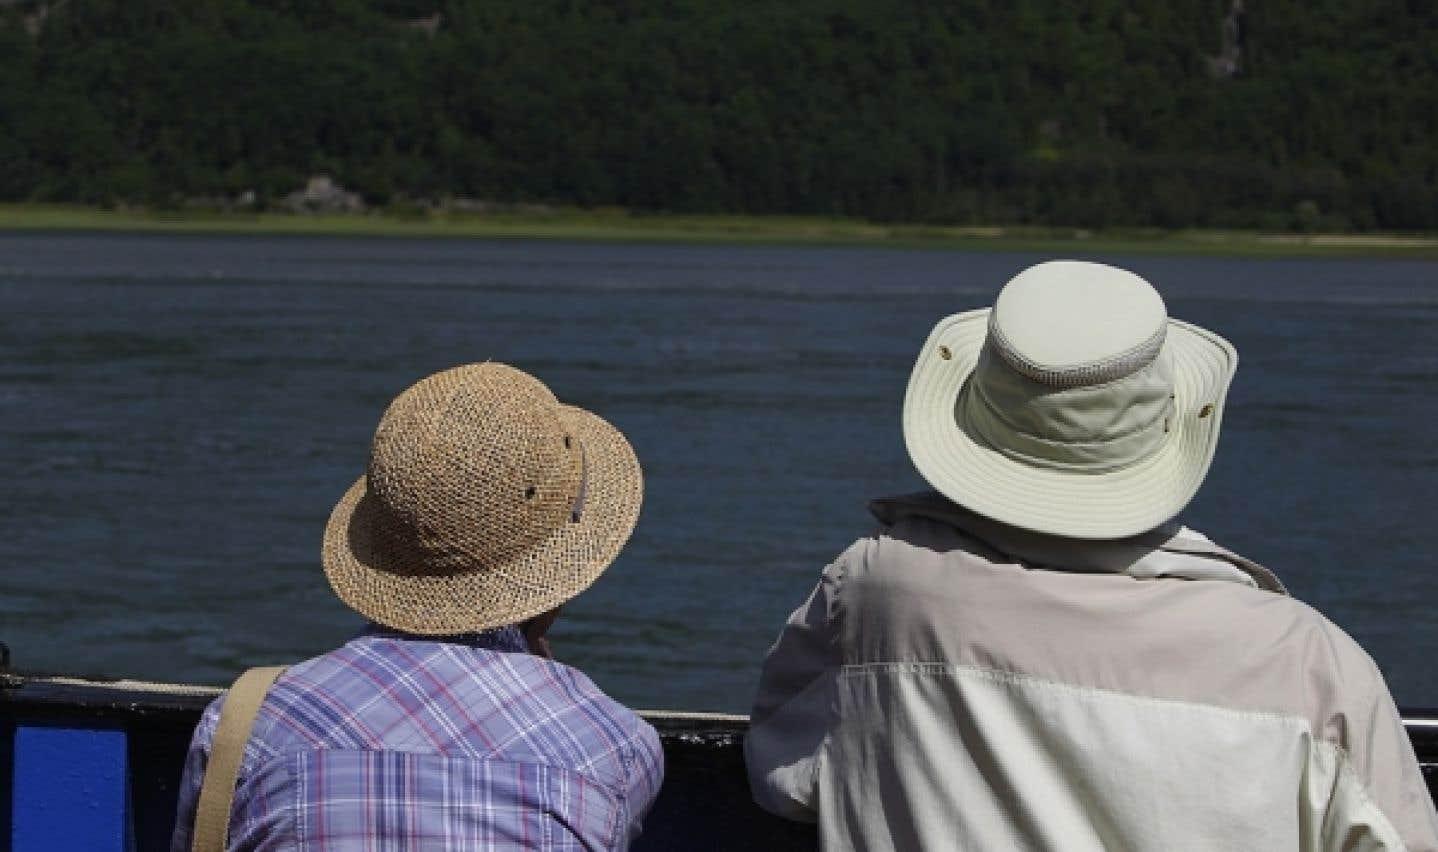 Sécurité de la vieillesse: admissibilité repoussée de 65 à 67 ans